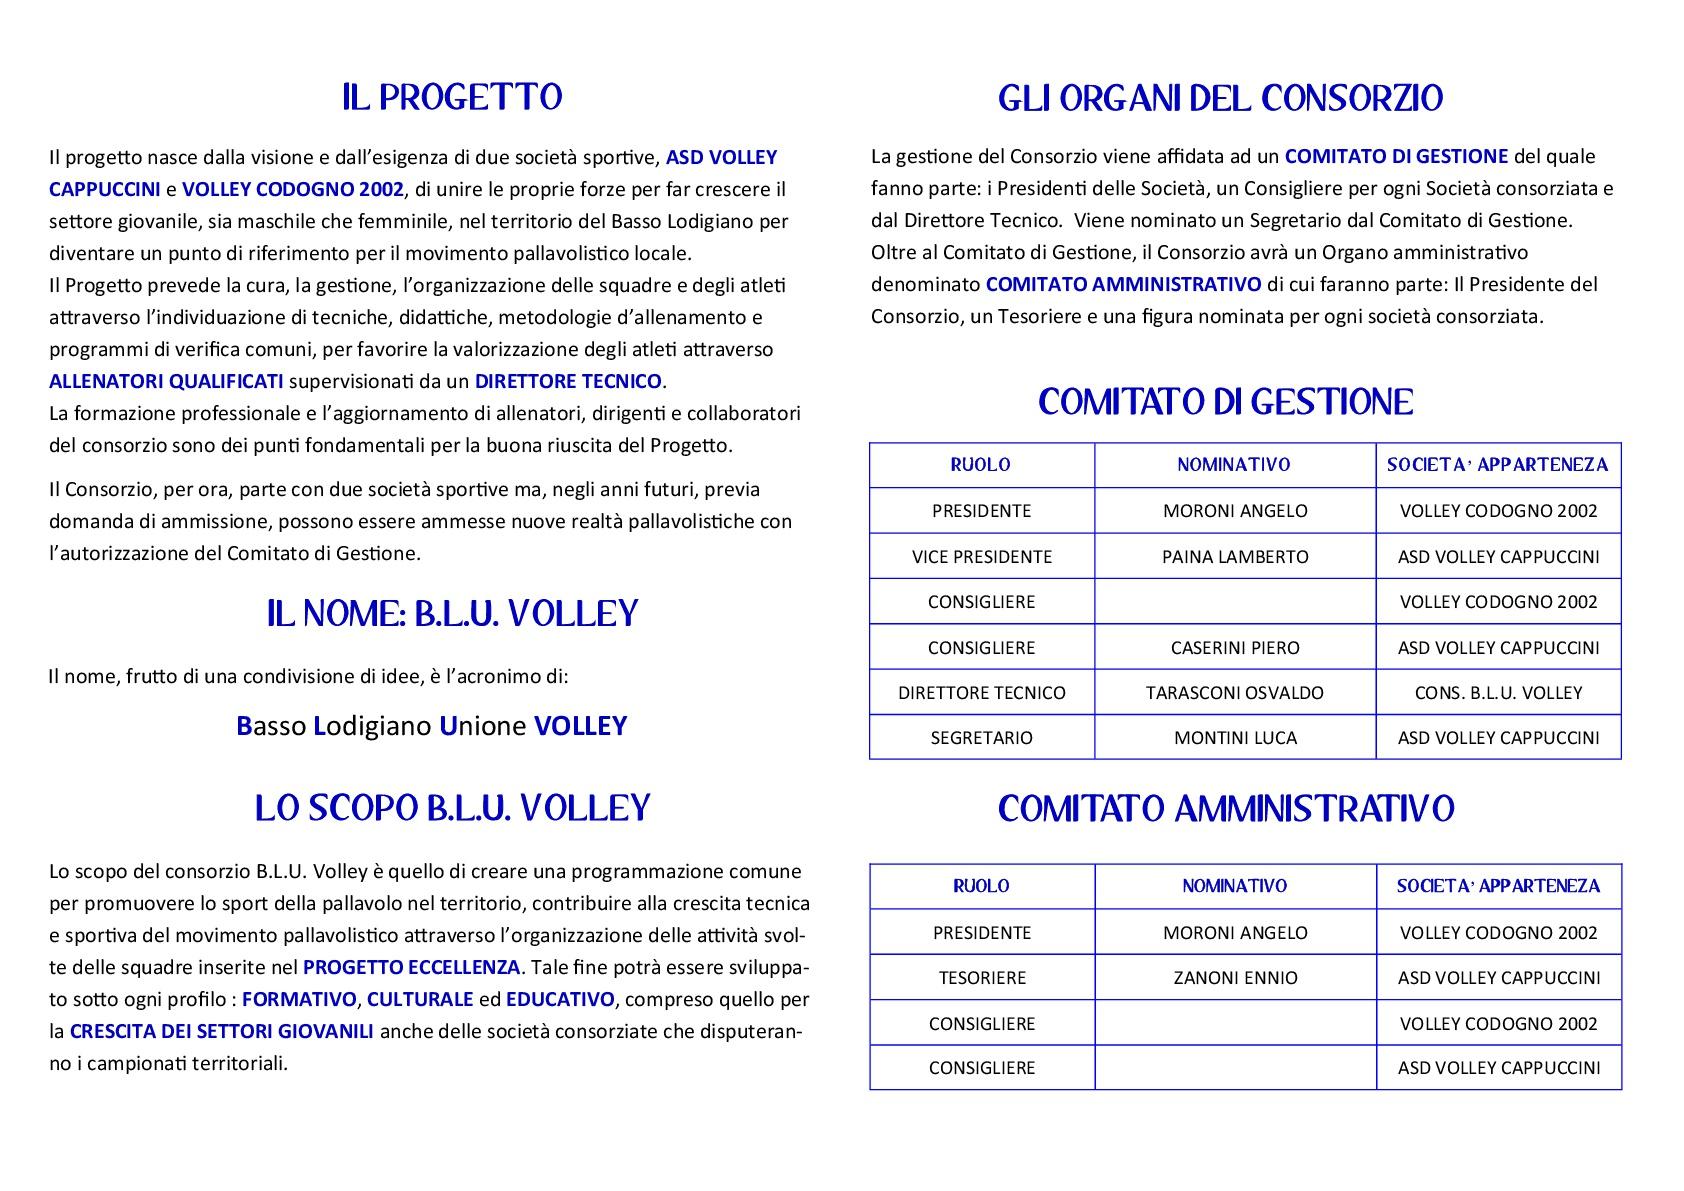 presentazione-consorzio-provvisoria-del-16-04-2018-002